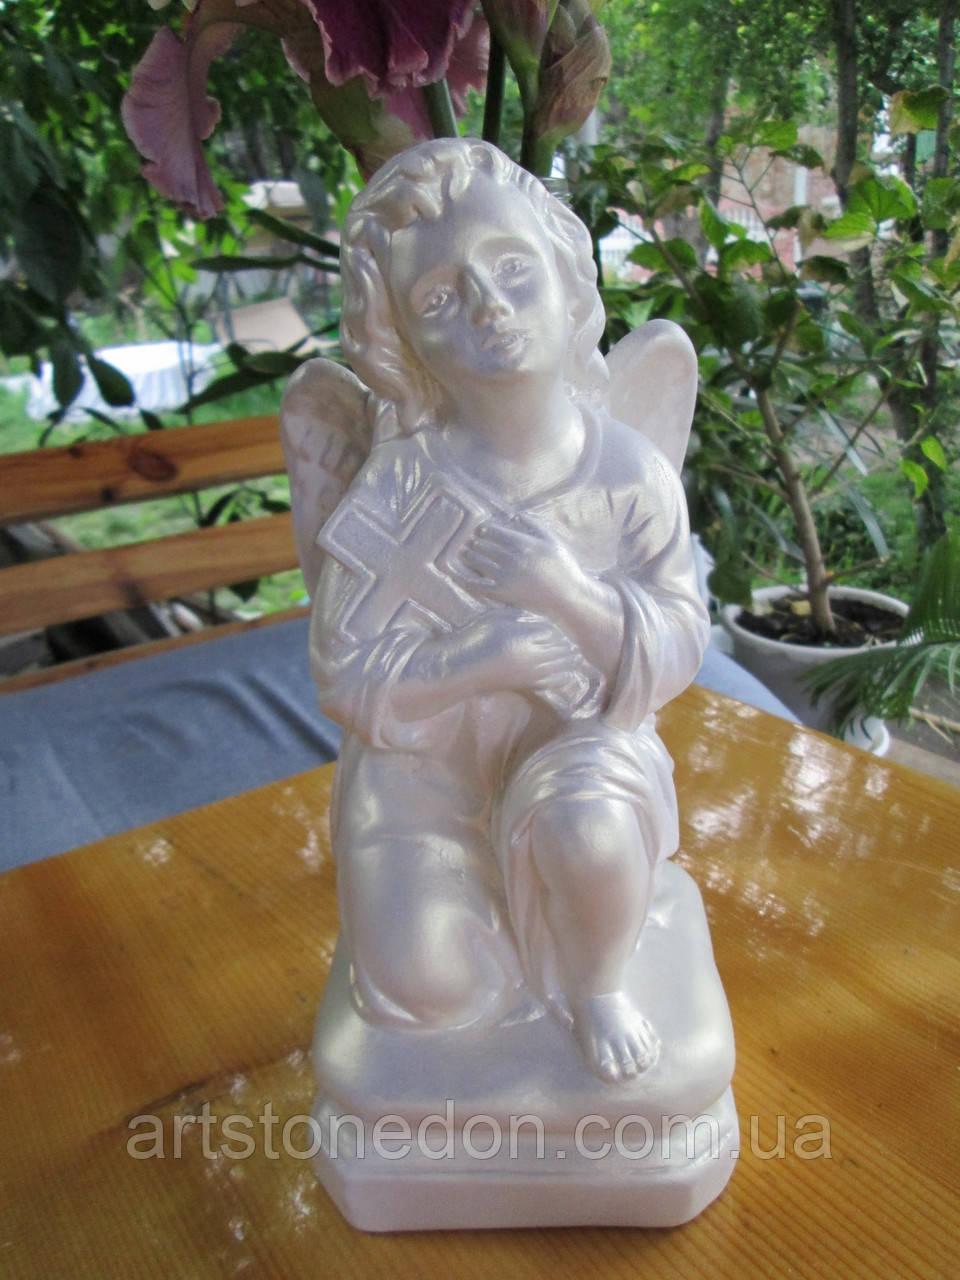 Статуэтка ангела с крестом из бетона